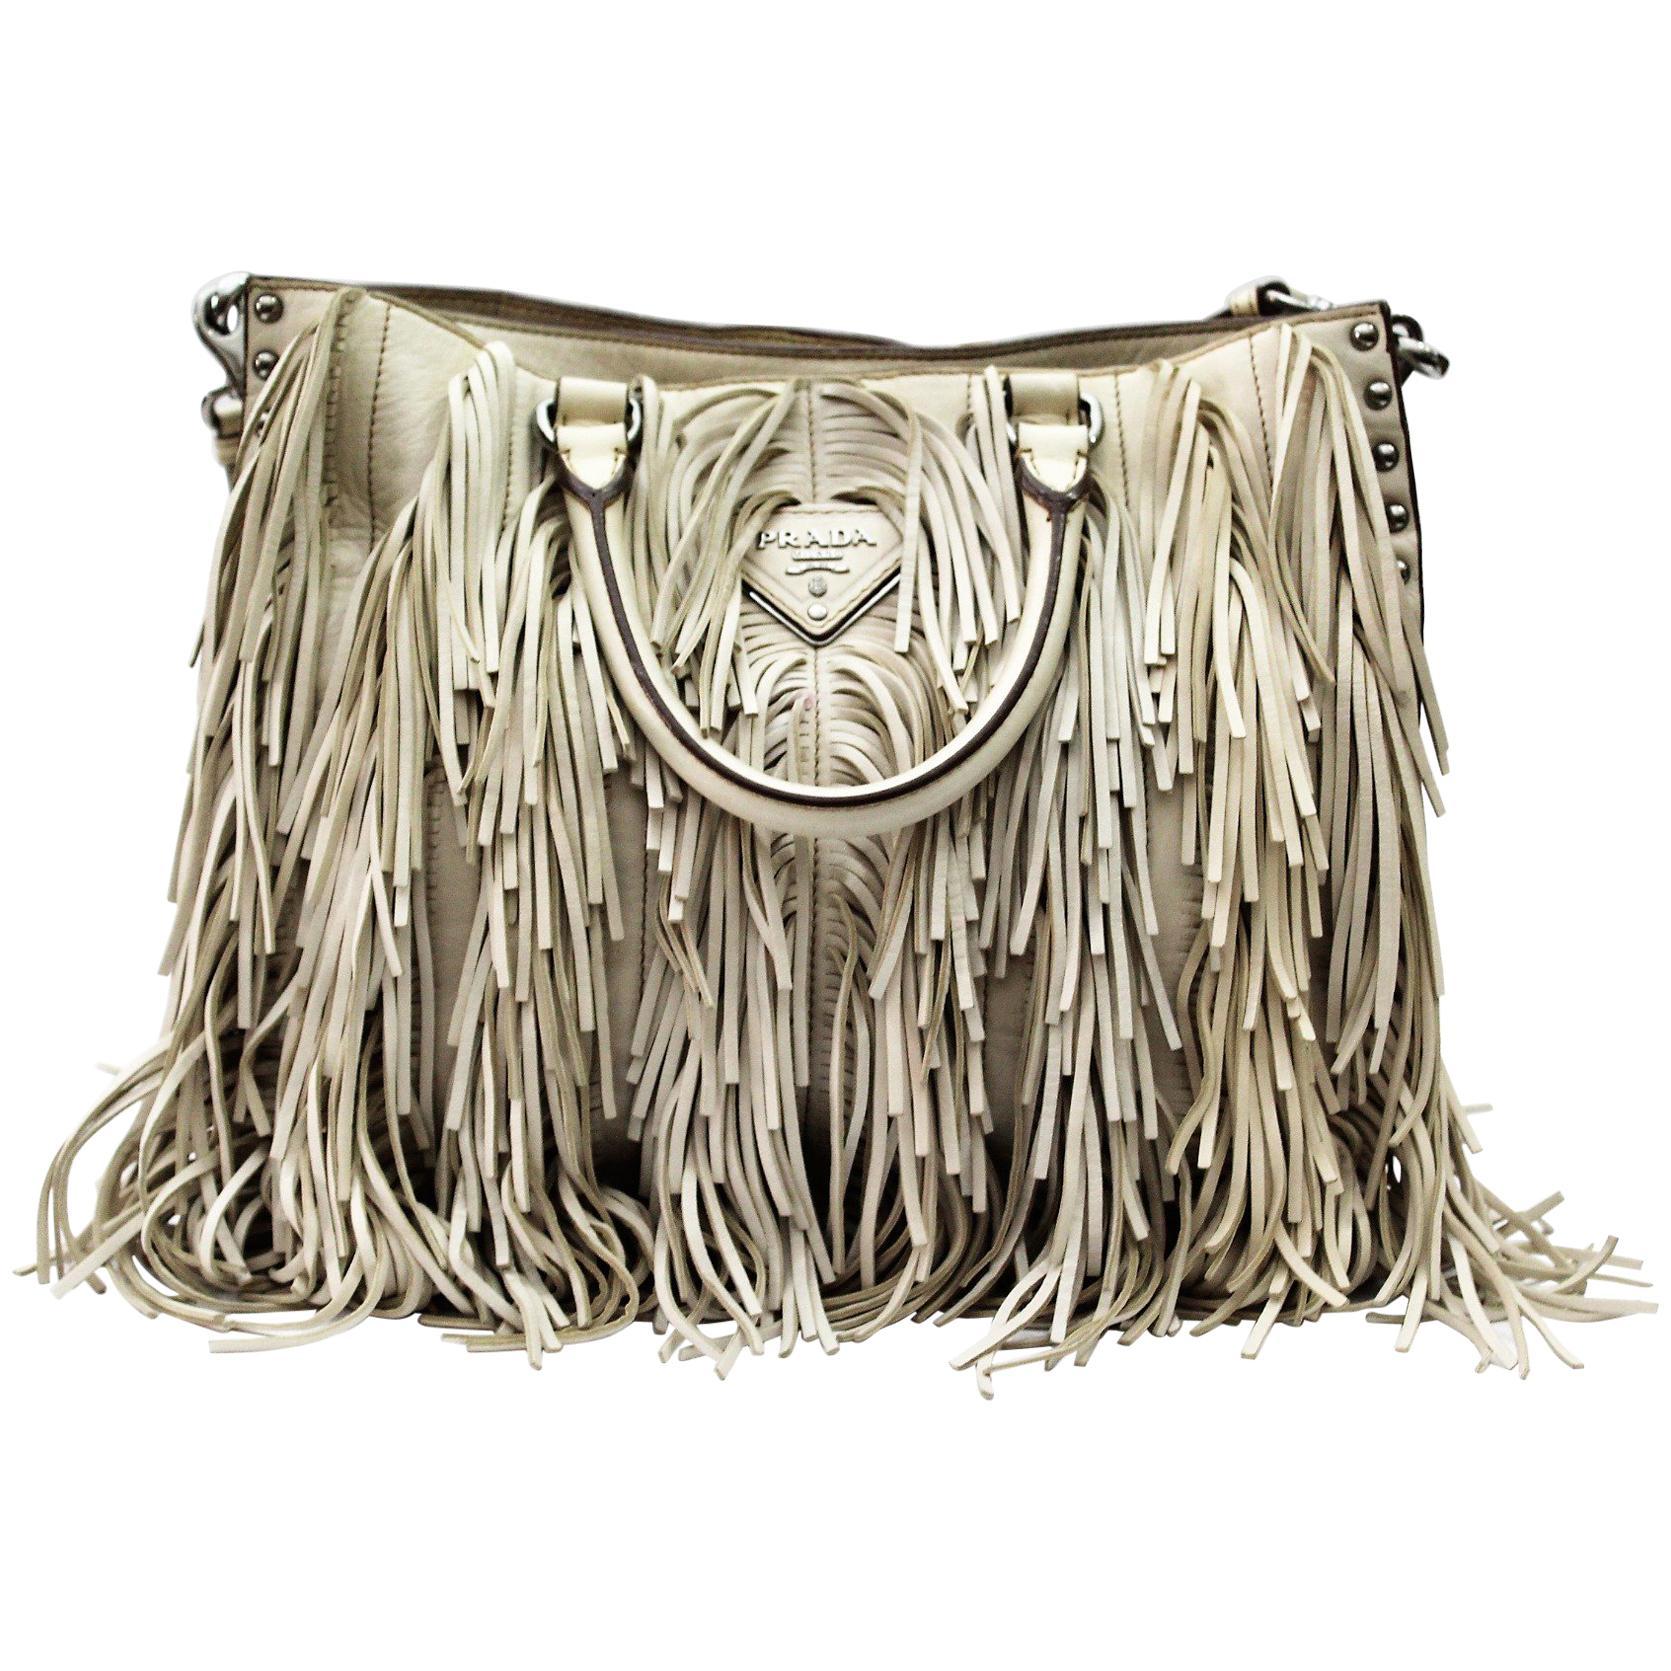 08866b58f520 Prada Leather Bag For Sale at 1stdibs